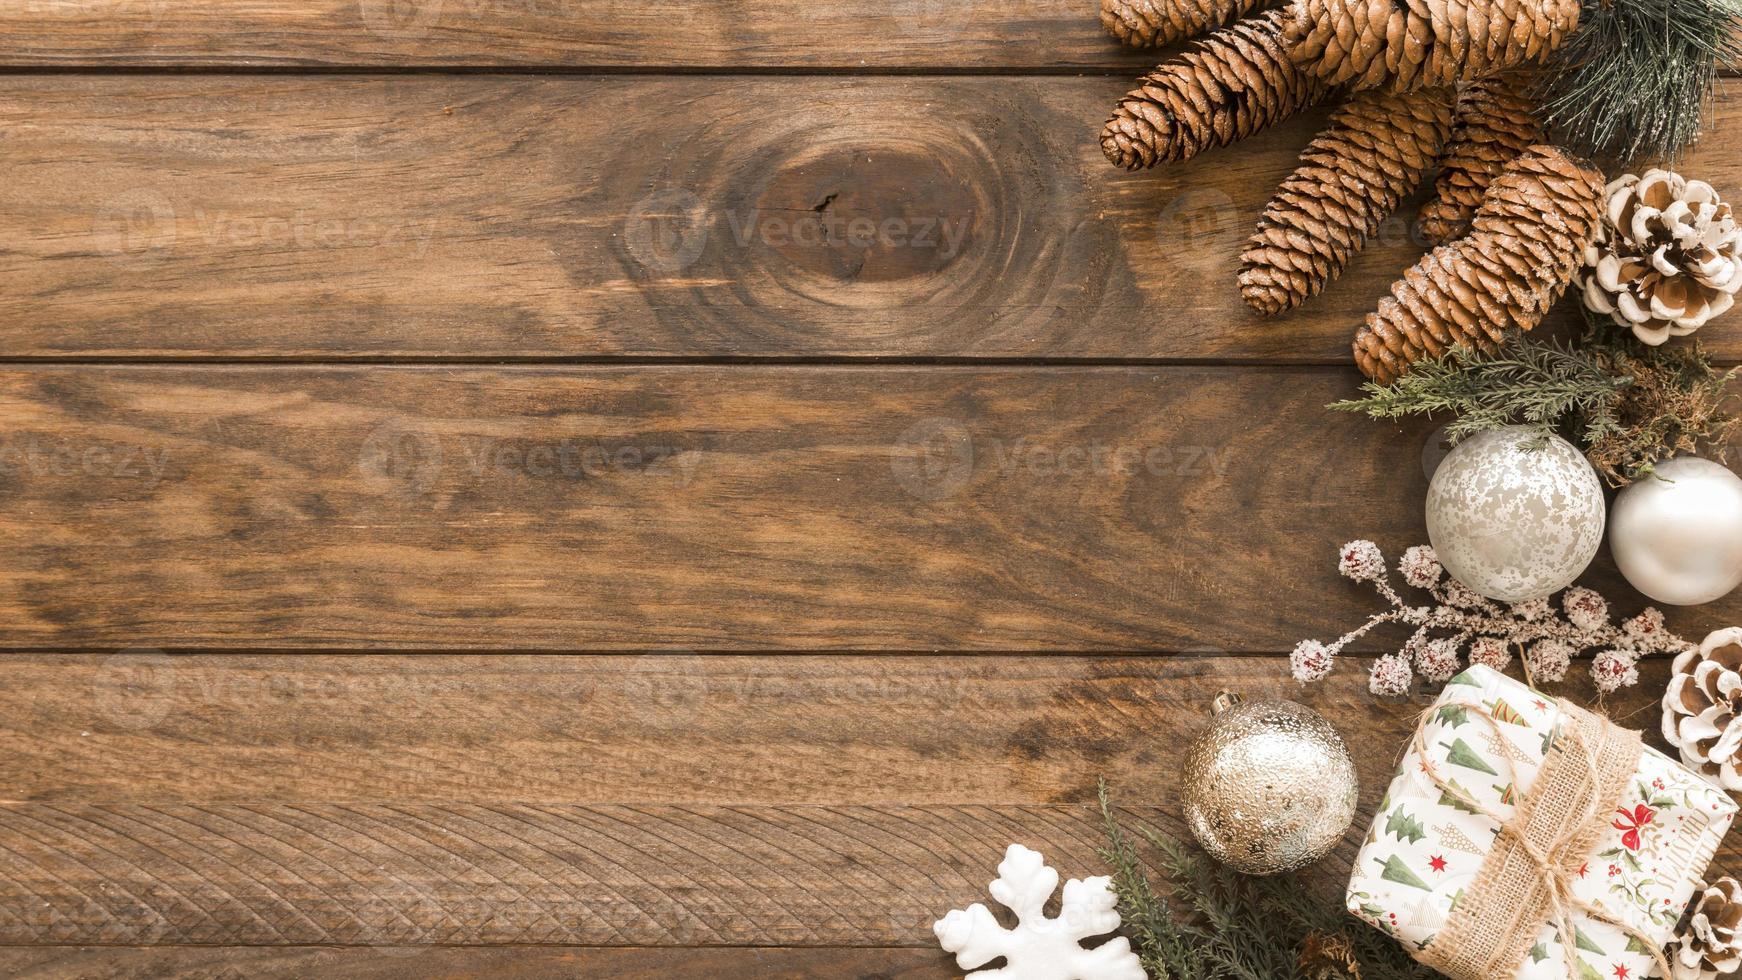 geschenkdoos met glanzende kerstballen en dennenappels op houten achtergrond foto